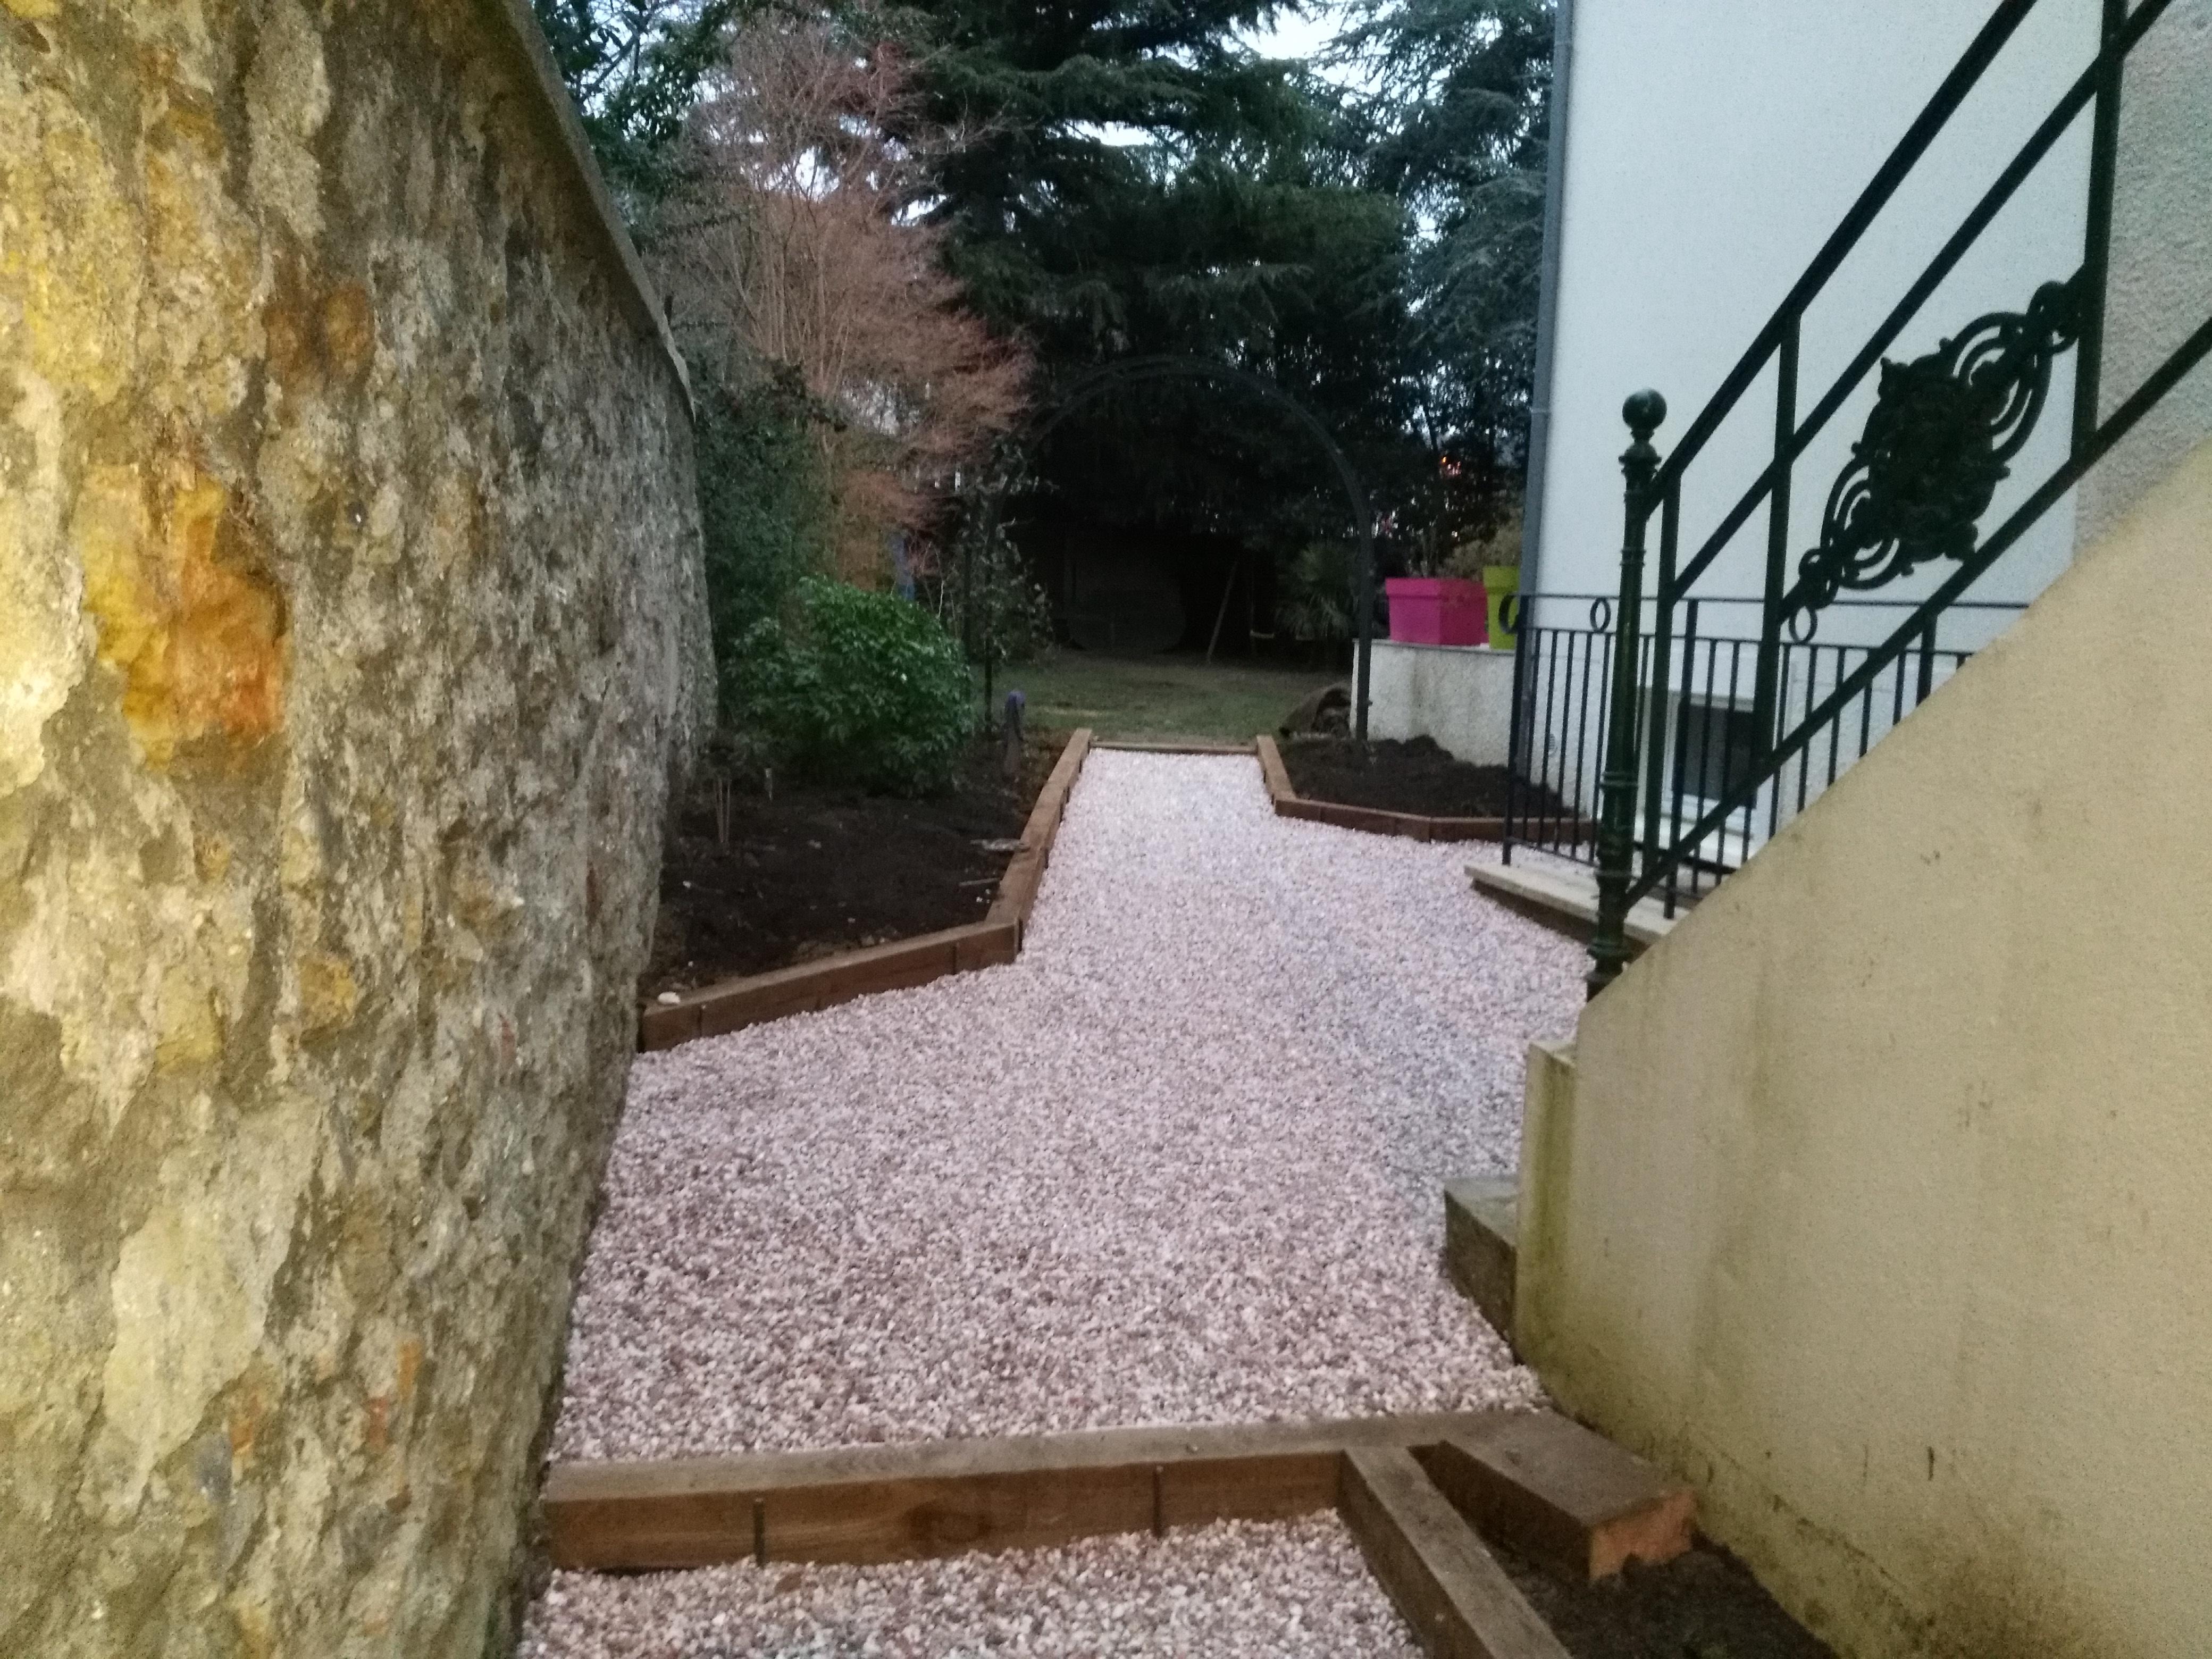 Chantier terminé : L'espace de transition avant le jardin